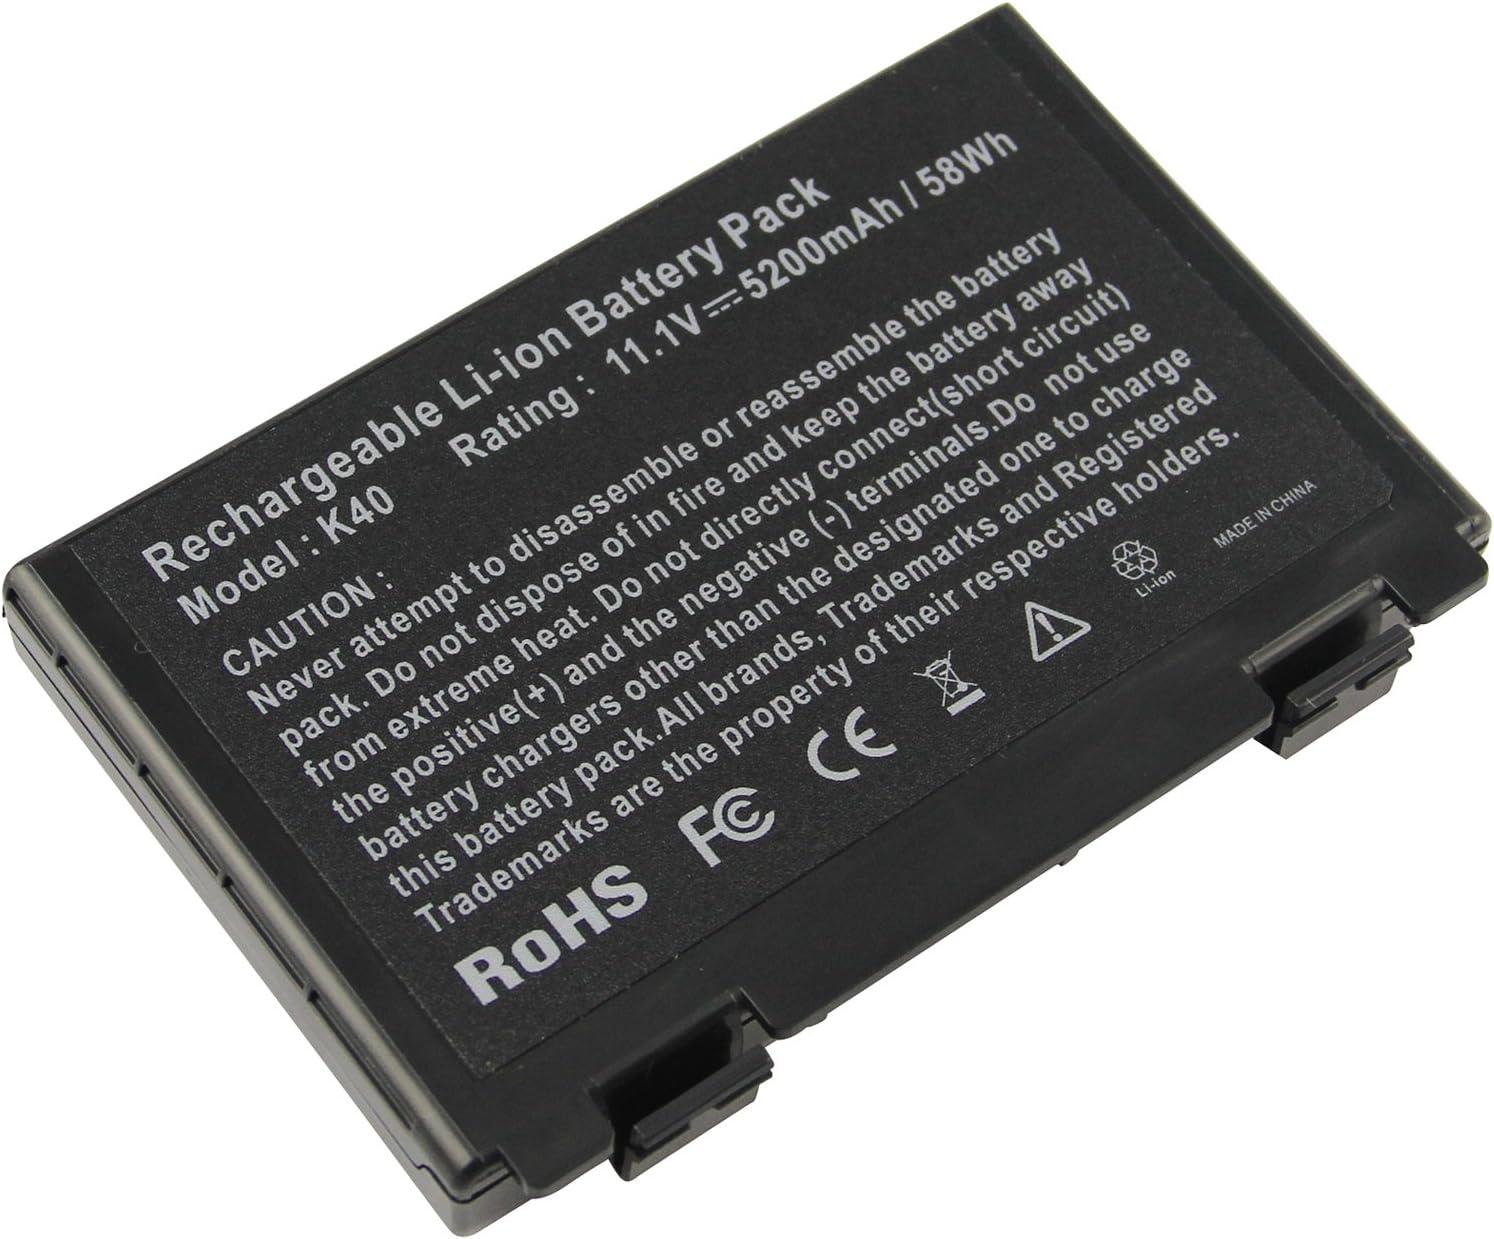 Futurebatt 6 Cell Laptop Battery for ASUS k61ic K60IJ K50IJ K50I K60I A32-F82 A32-F52 X8D X8B